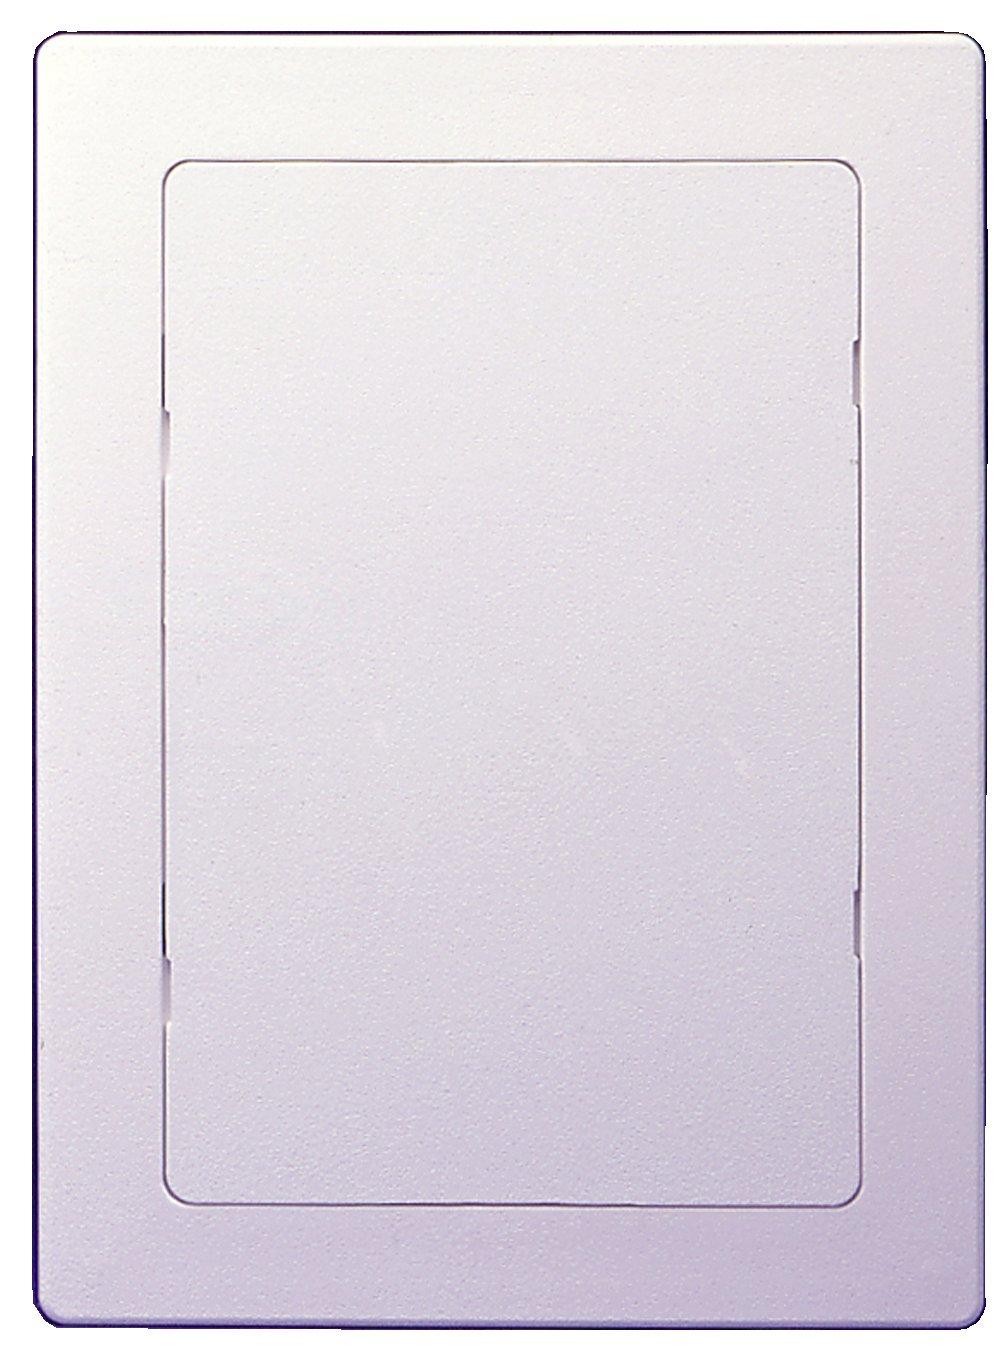 9x6 Plastic Access Door Home Depot